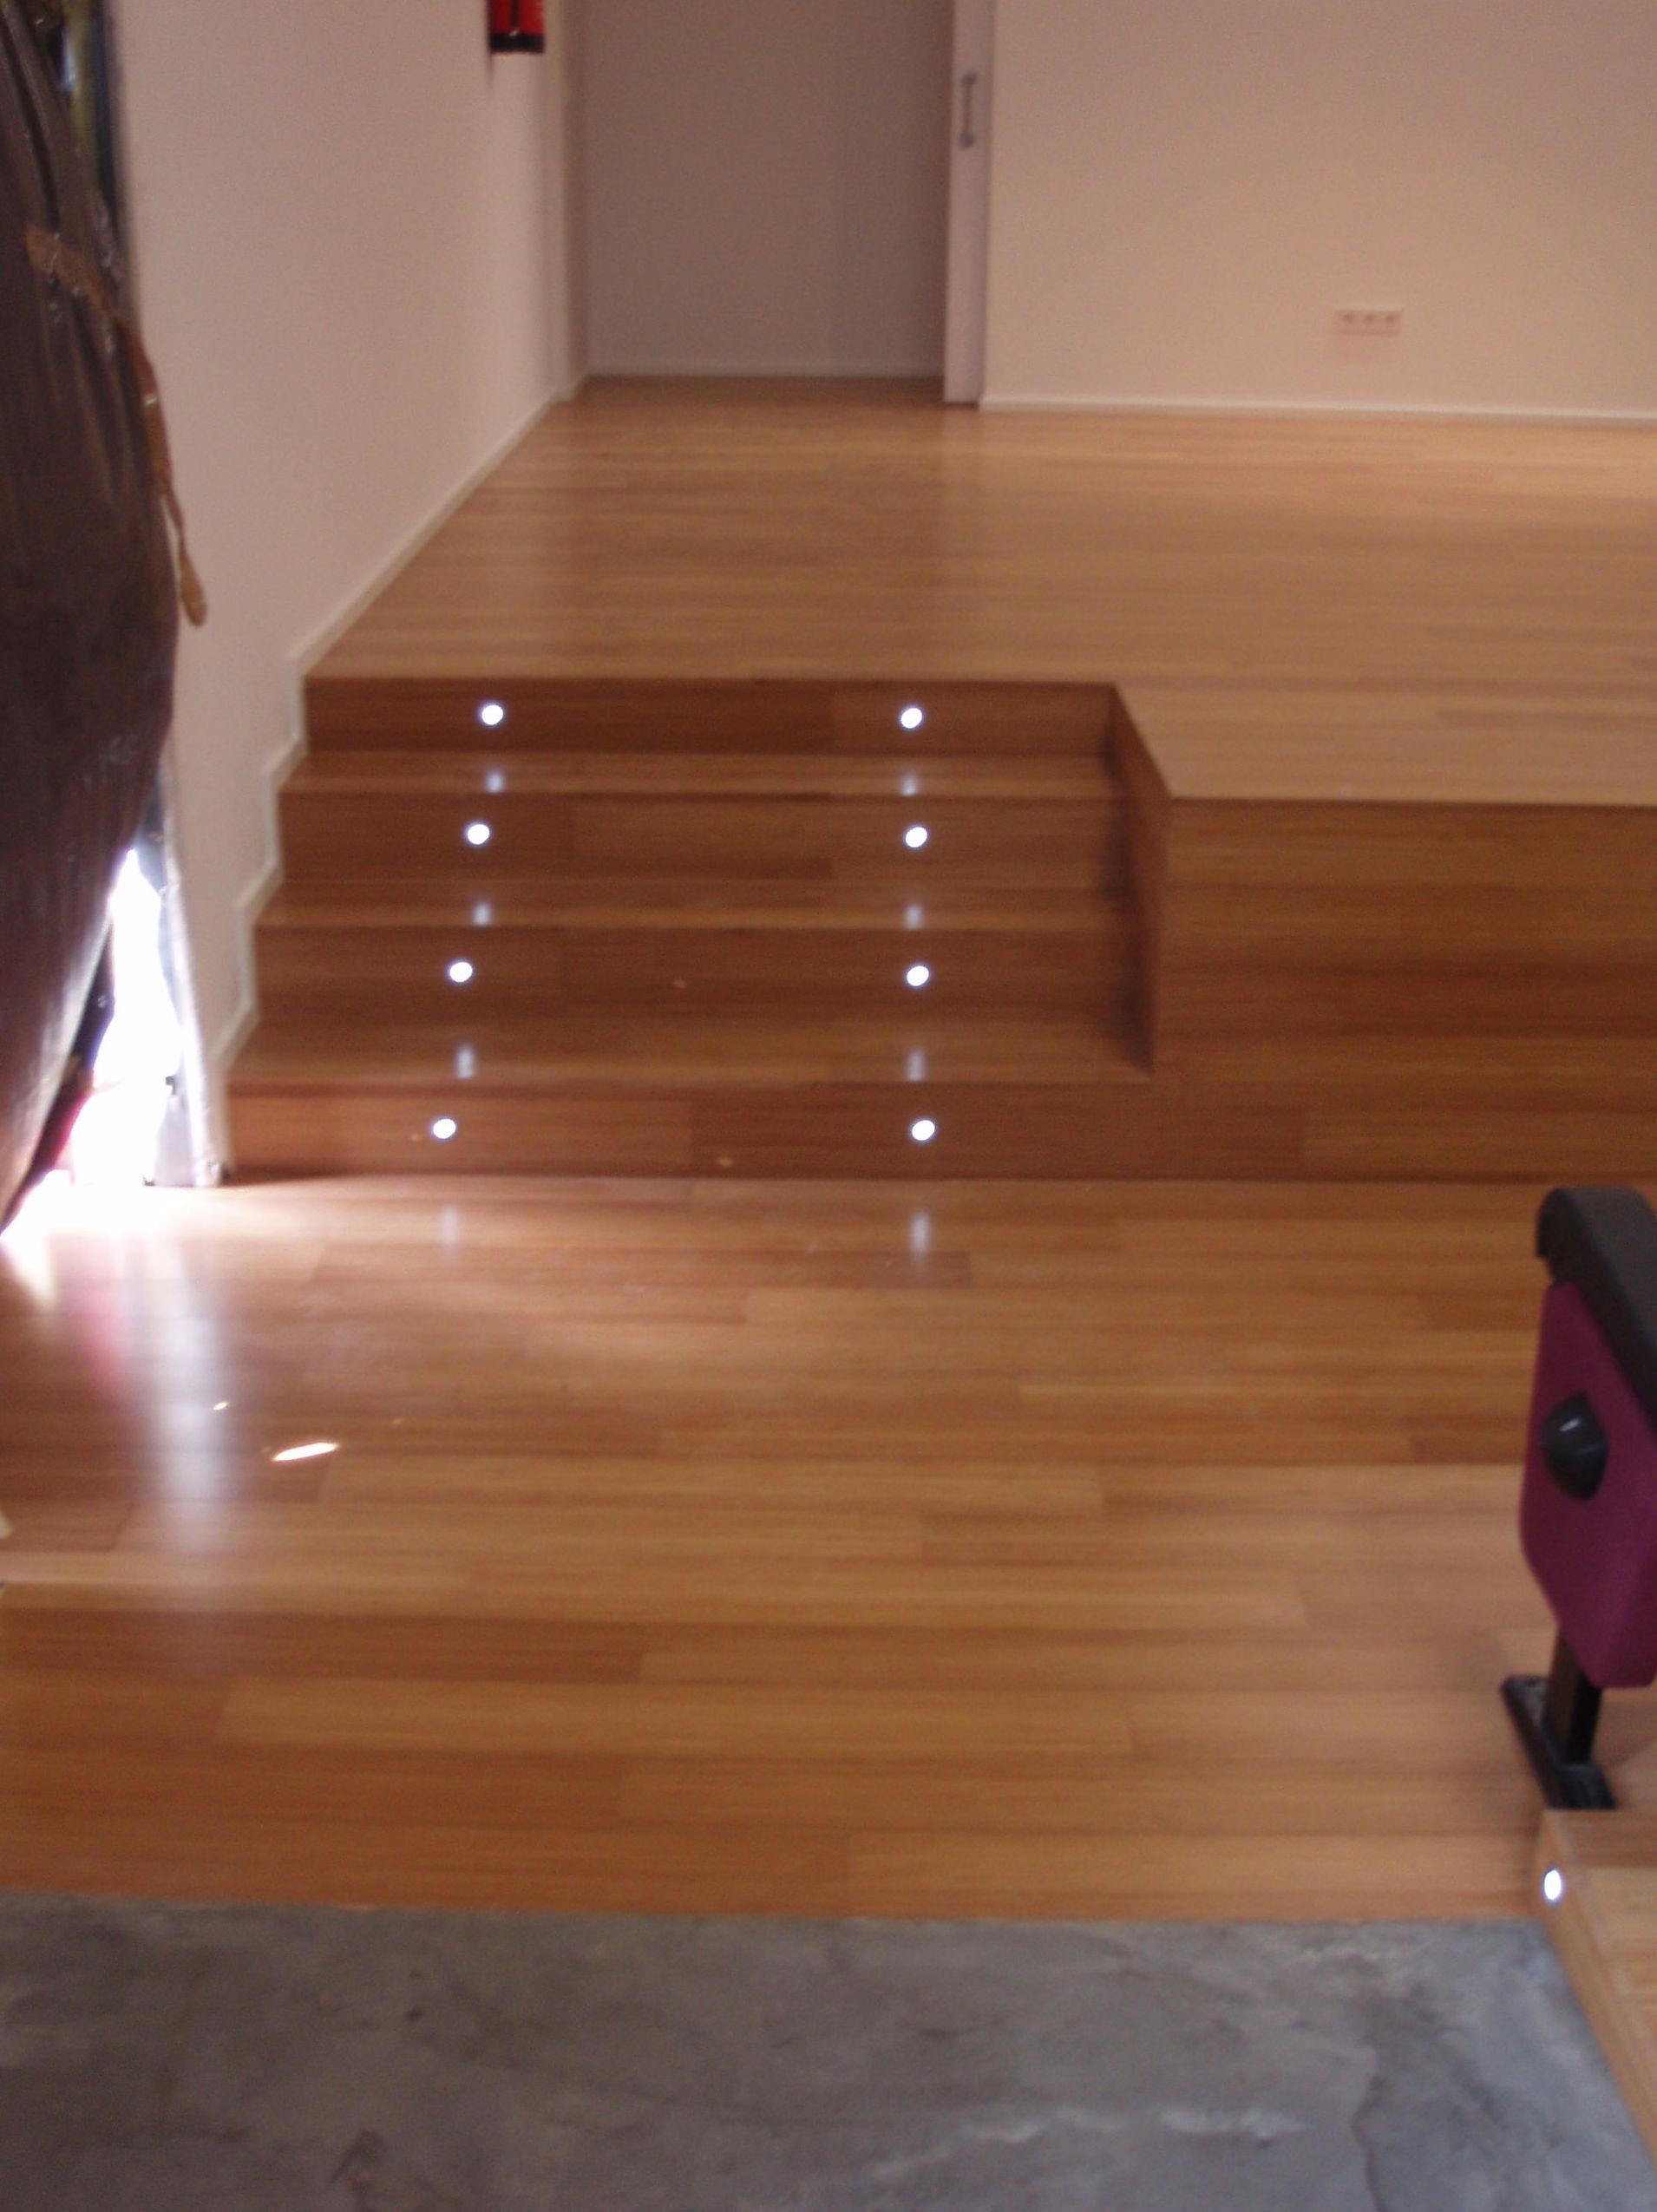 tarimas y suelos exterior einterior nortepar asturias gijon españa venta y suministro madera y suelos